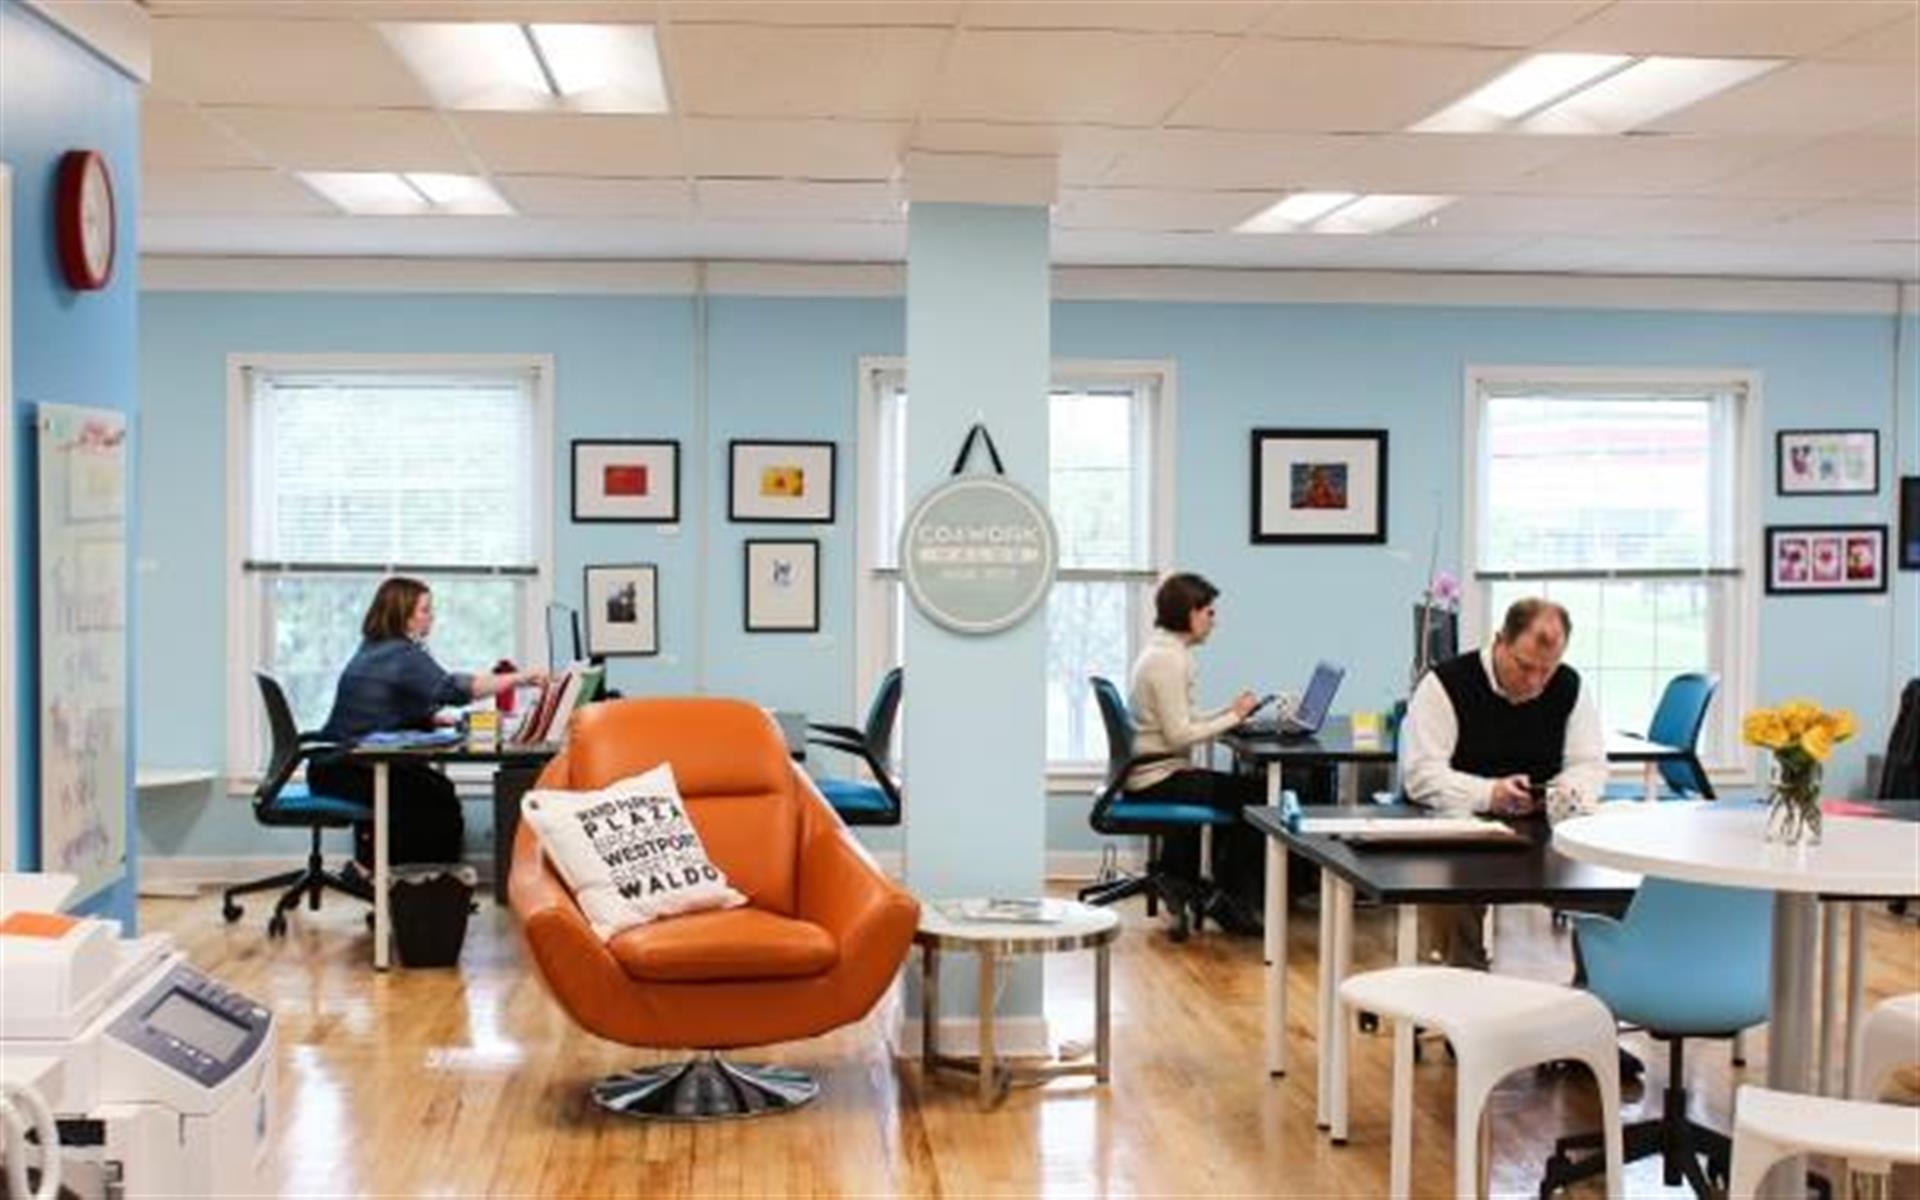 Cowork Waldo - Coworking Dedicated Desk